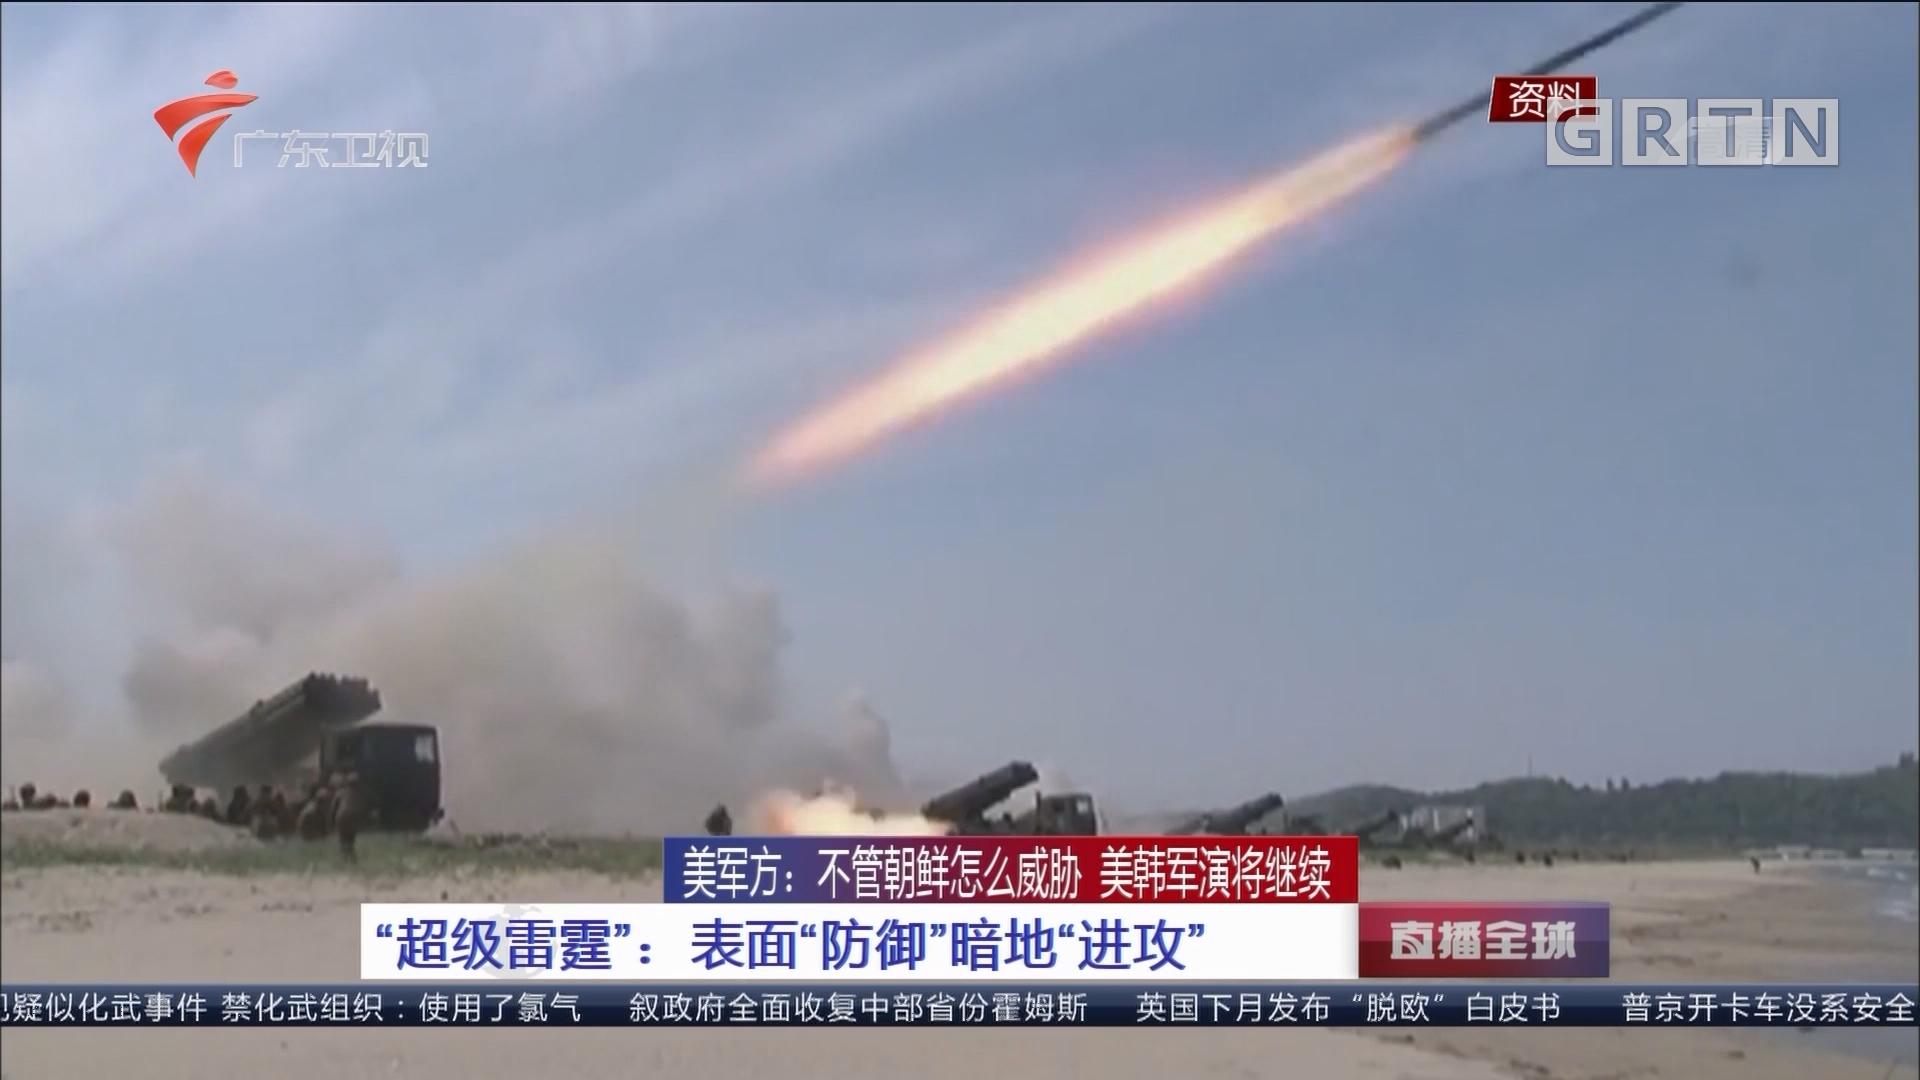 美军方:不管朝鲜怎么威胁 美韩军演将继续 韩美联合军演将按原计划进行